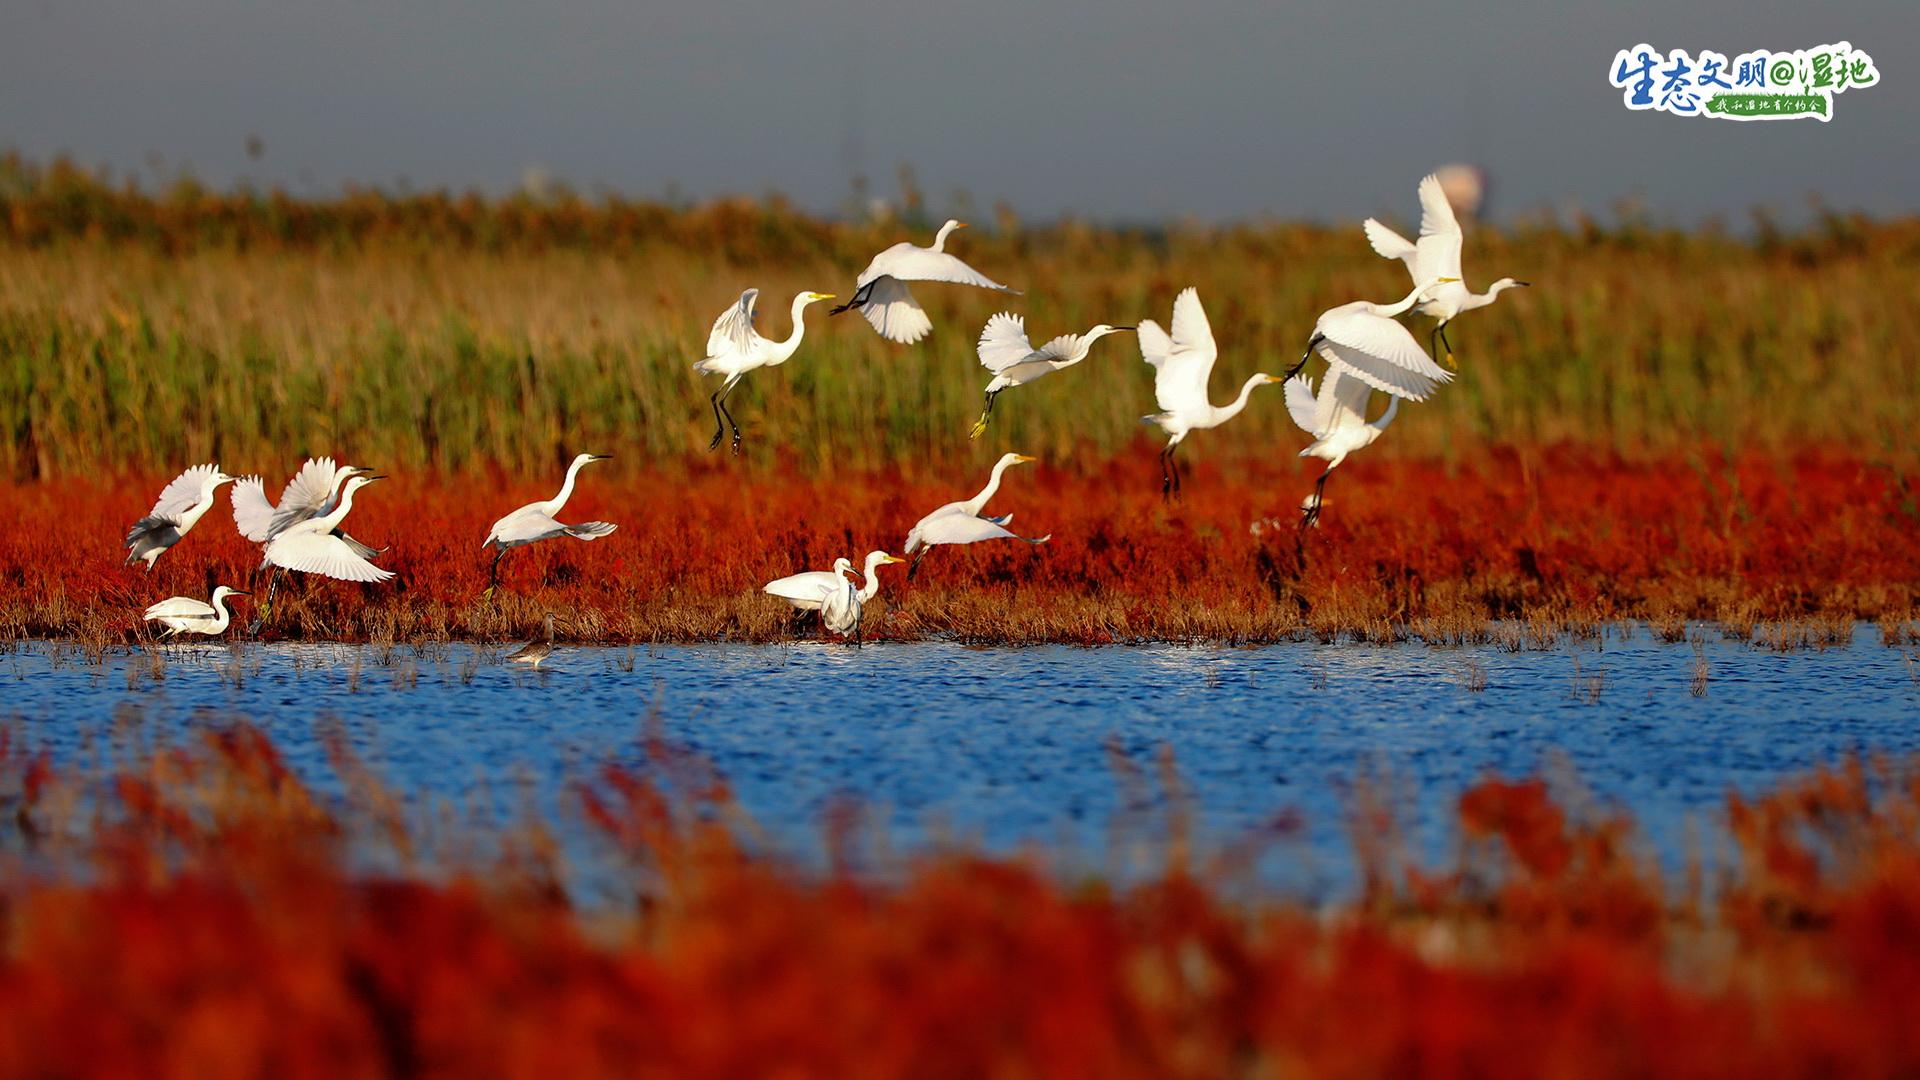 初冬的北大港湿地,深红的碱蓬草,犹如一片&ldquo;珊瑚海&rdquo;;金黄的芦苇丛,摇曳轻荡在风中。在这自然孕育的环境中,候鸟成为了这里的主人。<br/>